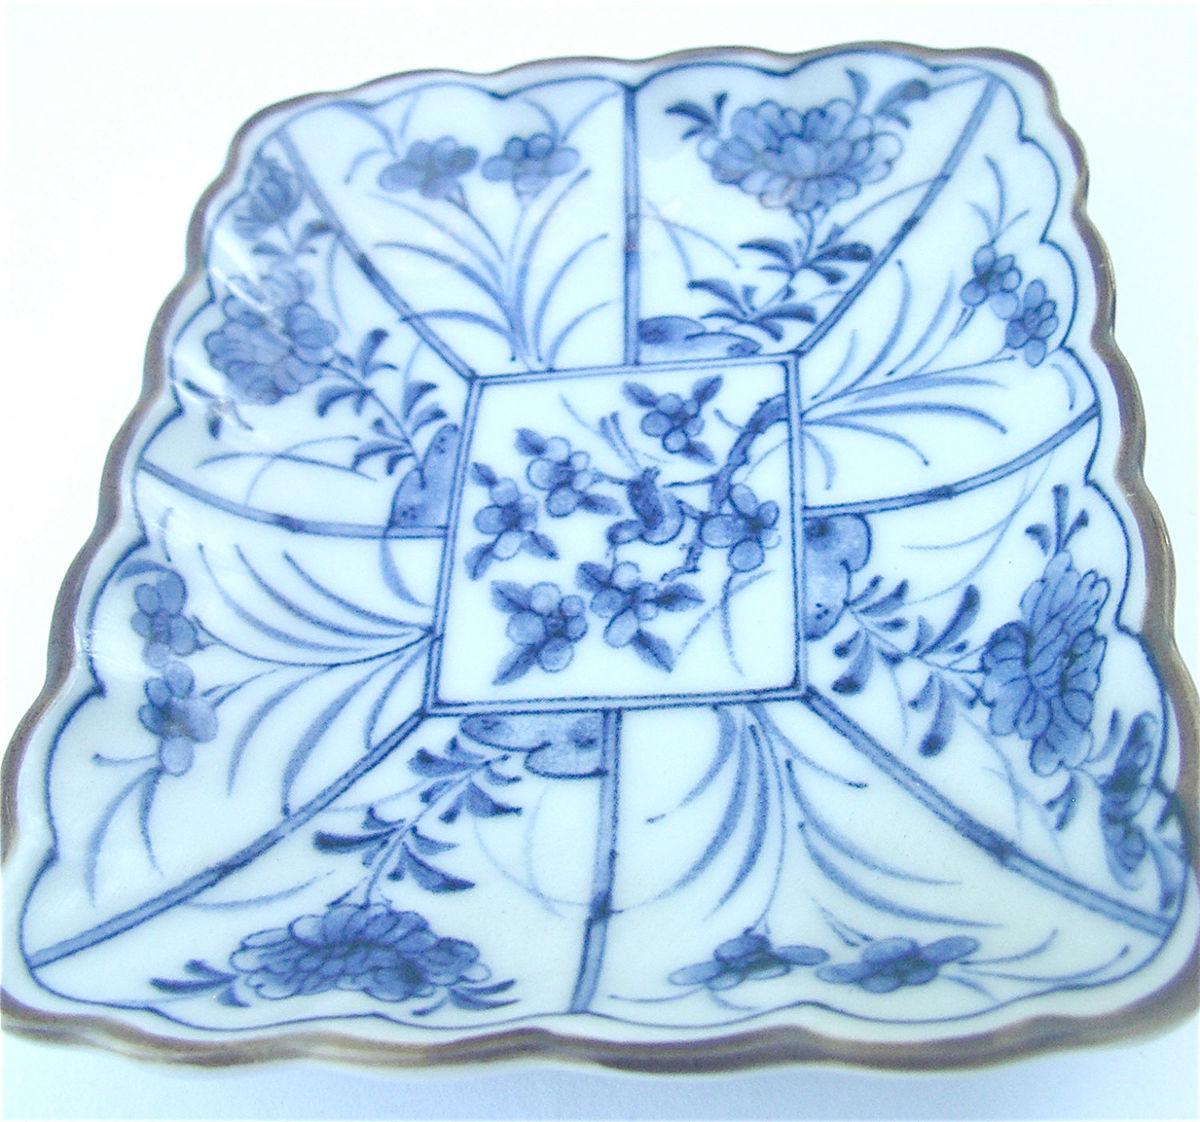 Vintage Blue White Japanese Ceramic Rectangle Indigo